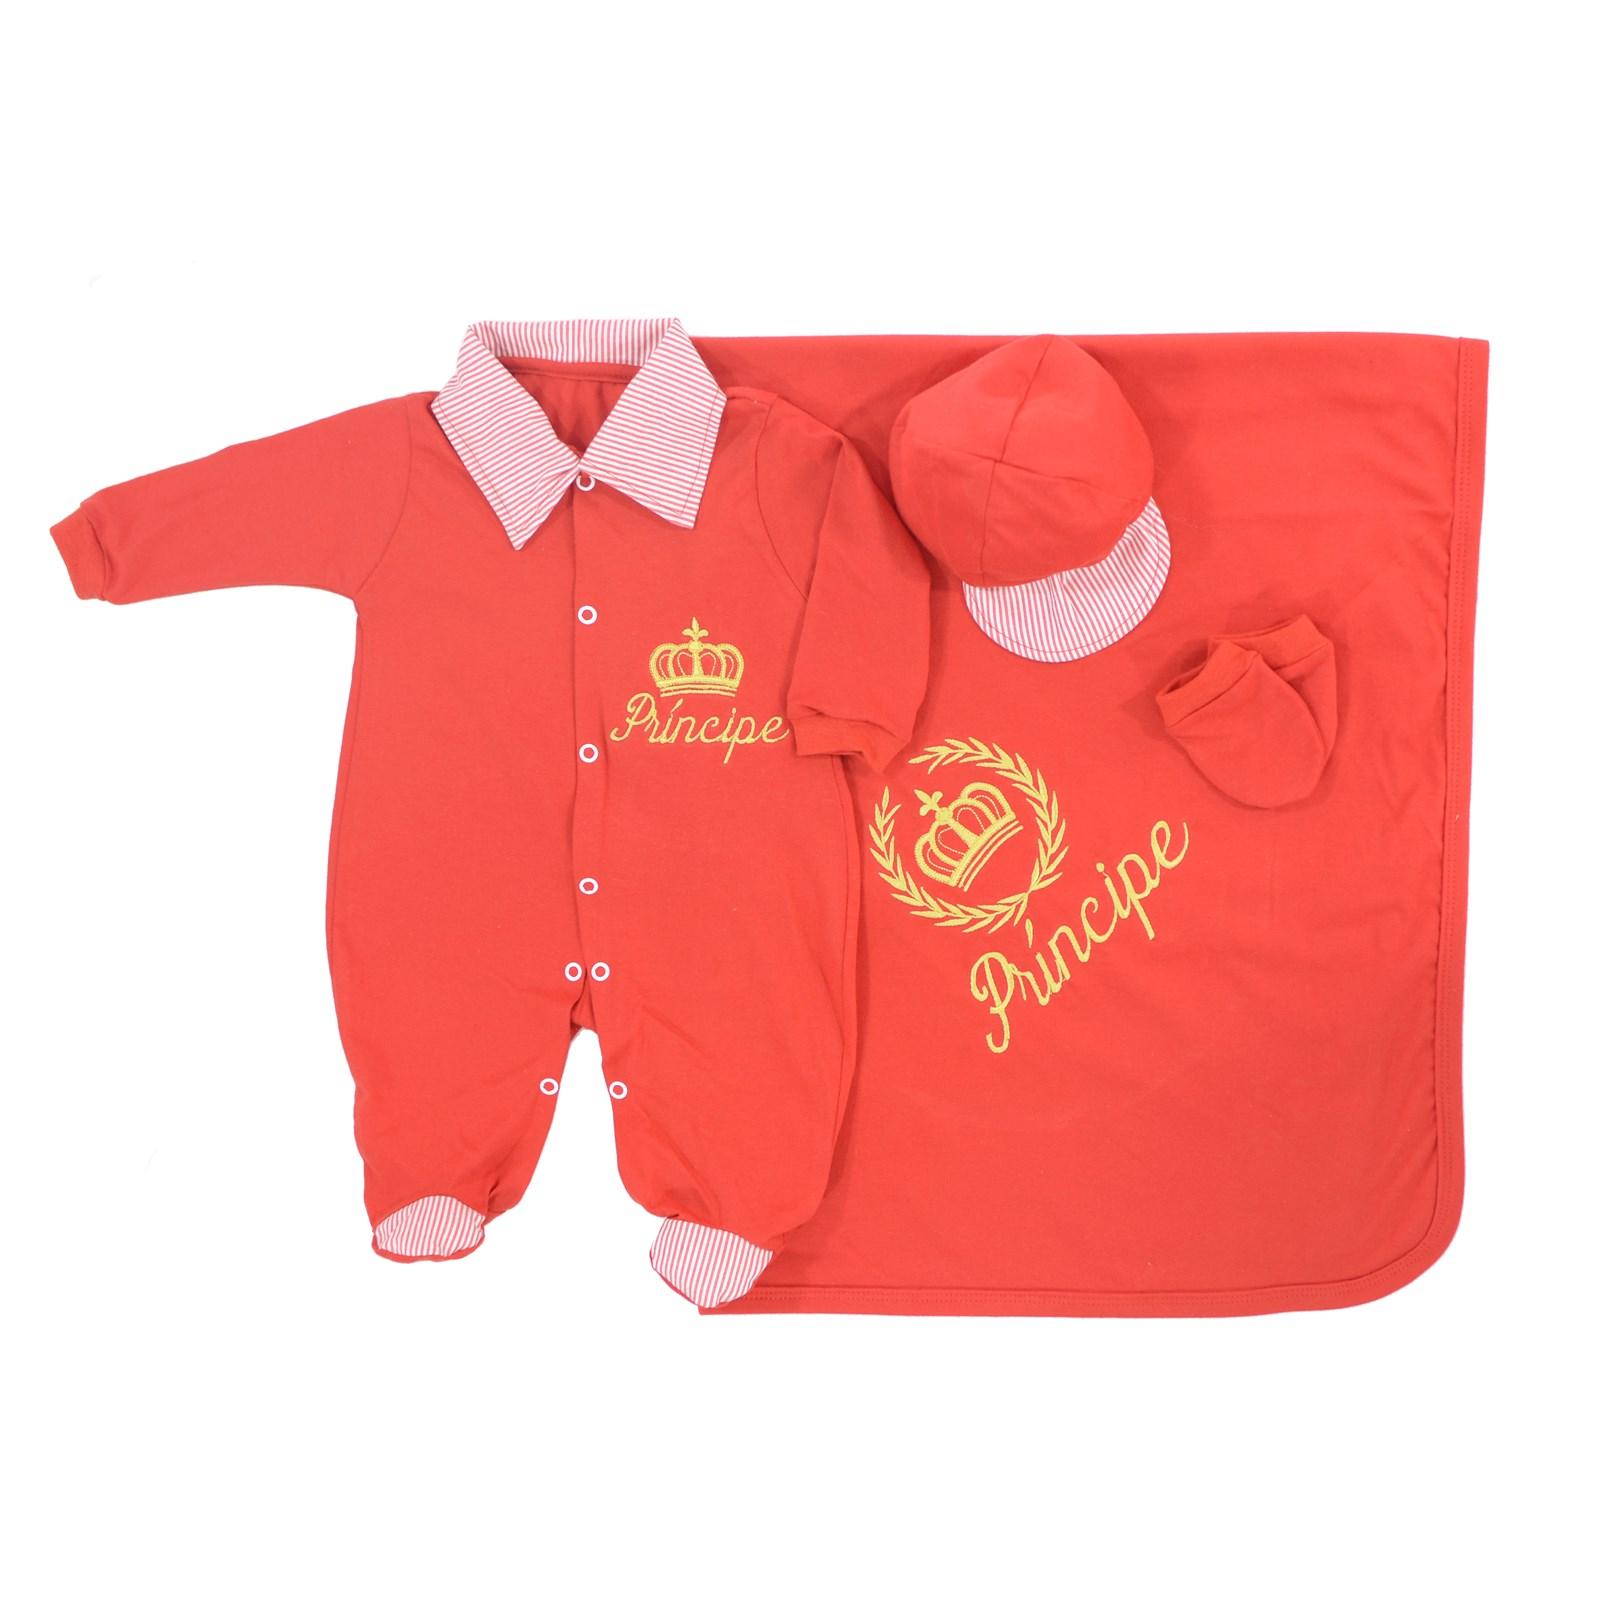 3e1329d386de Saída de Maternidade Príncipe Vermelho Coroa Dourada